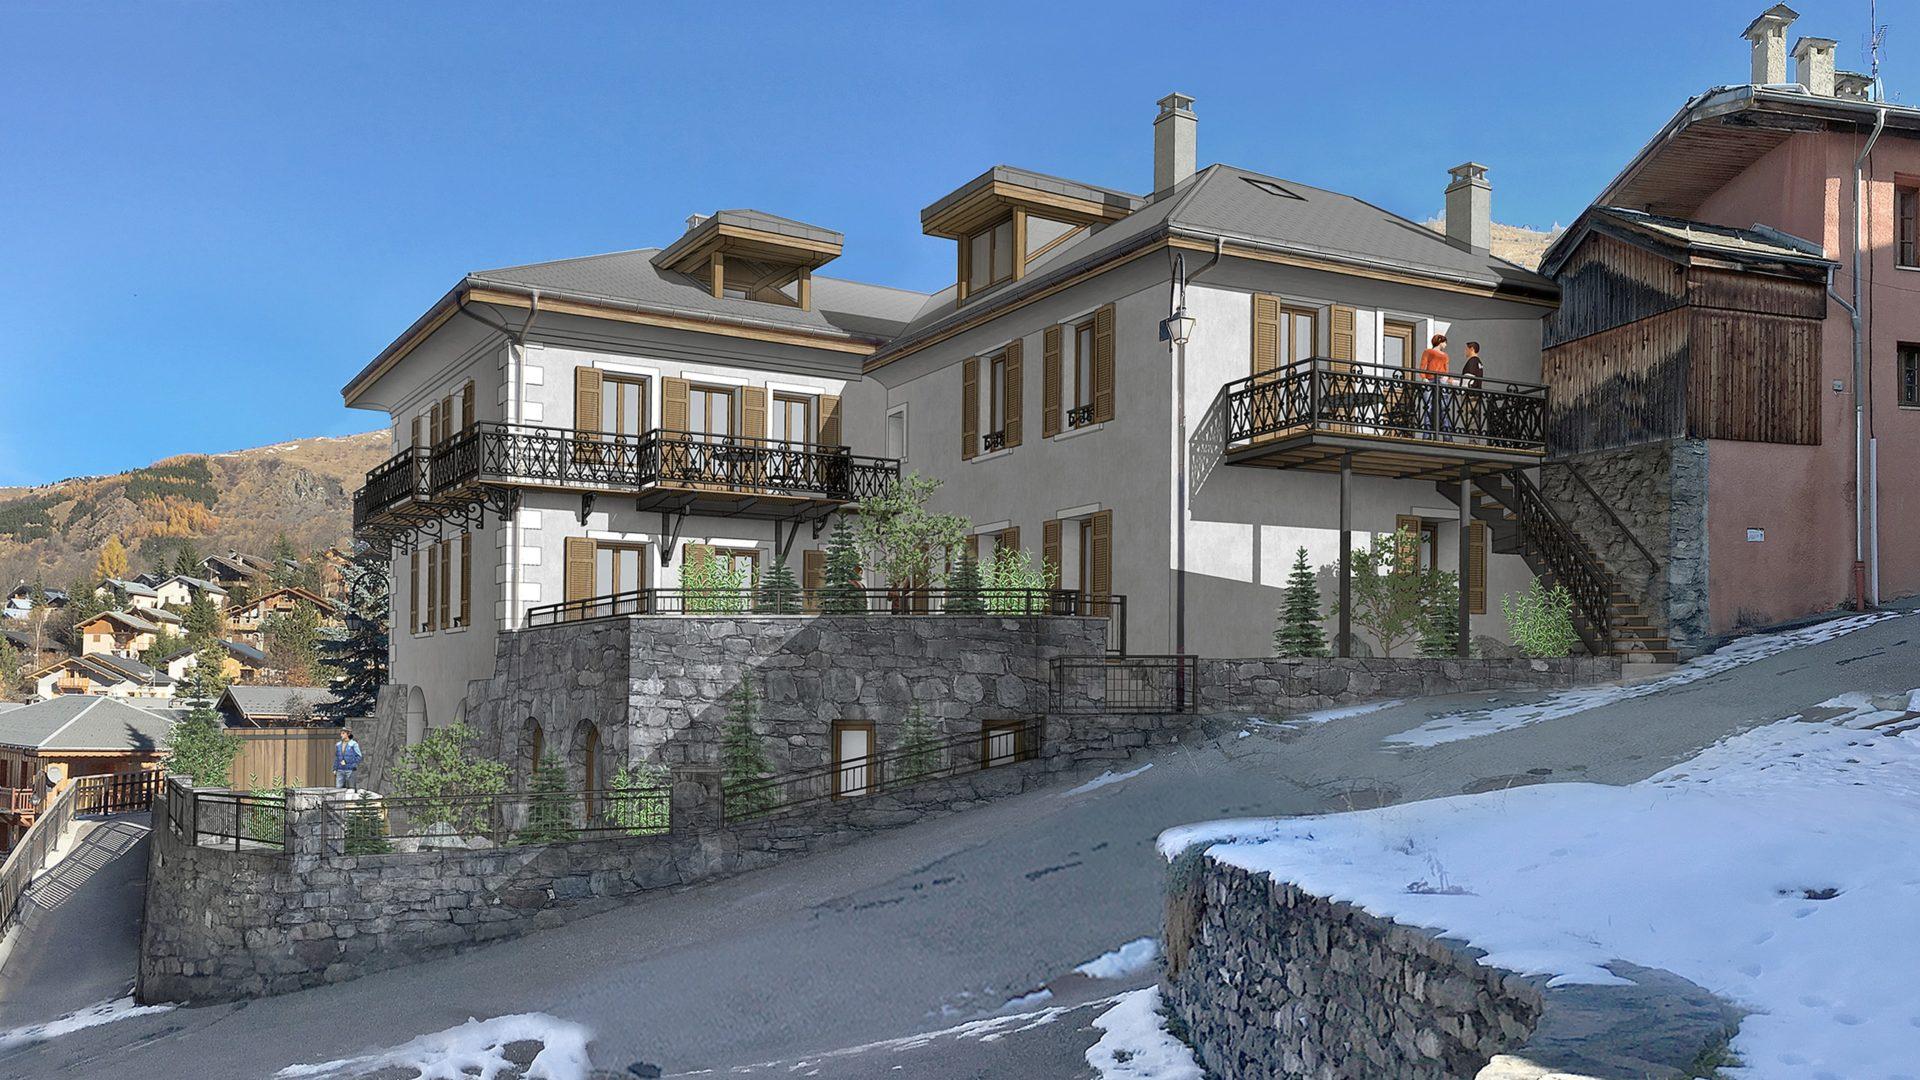 L'Épicerie / perspective / Saint Martin de Belleville, Savoie